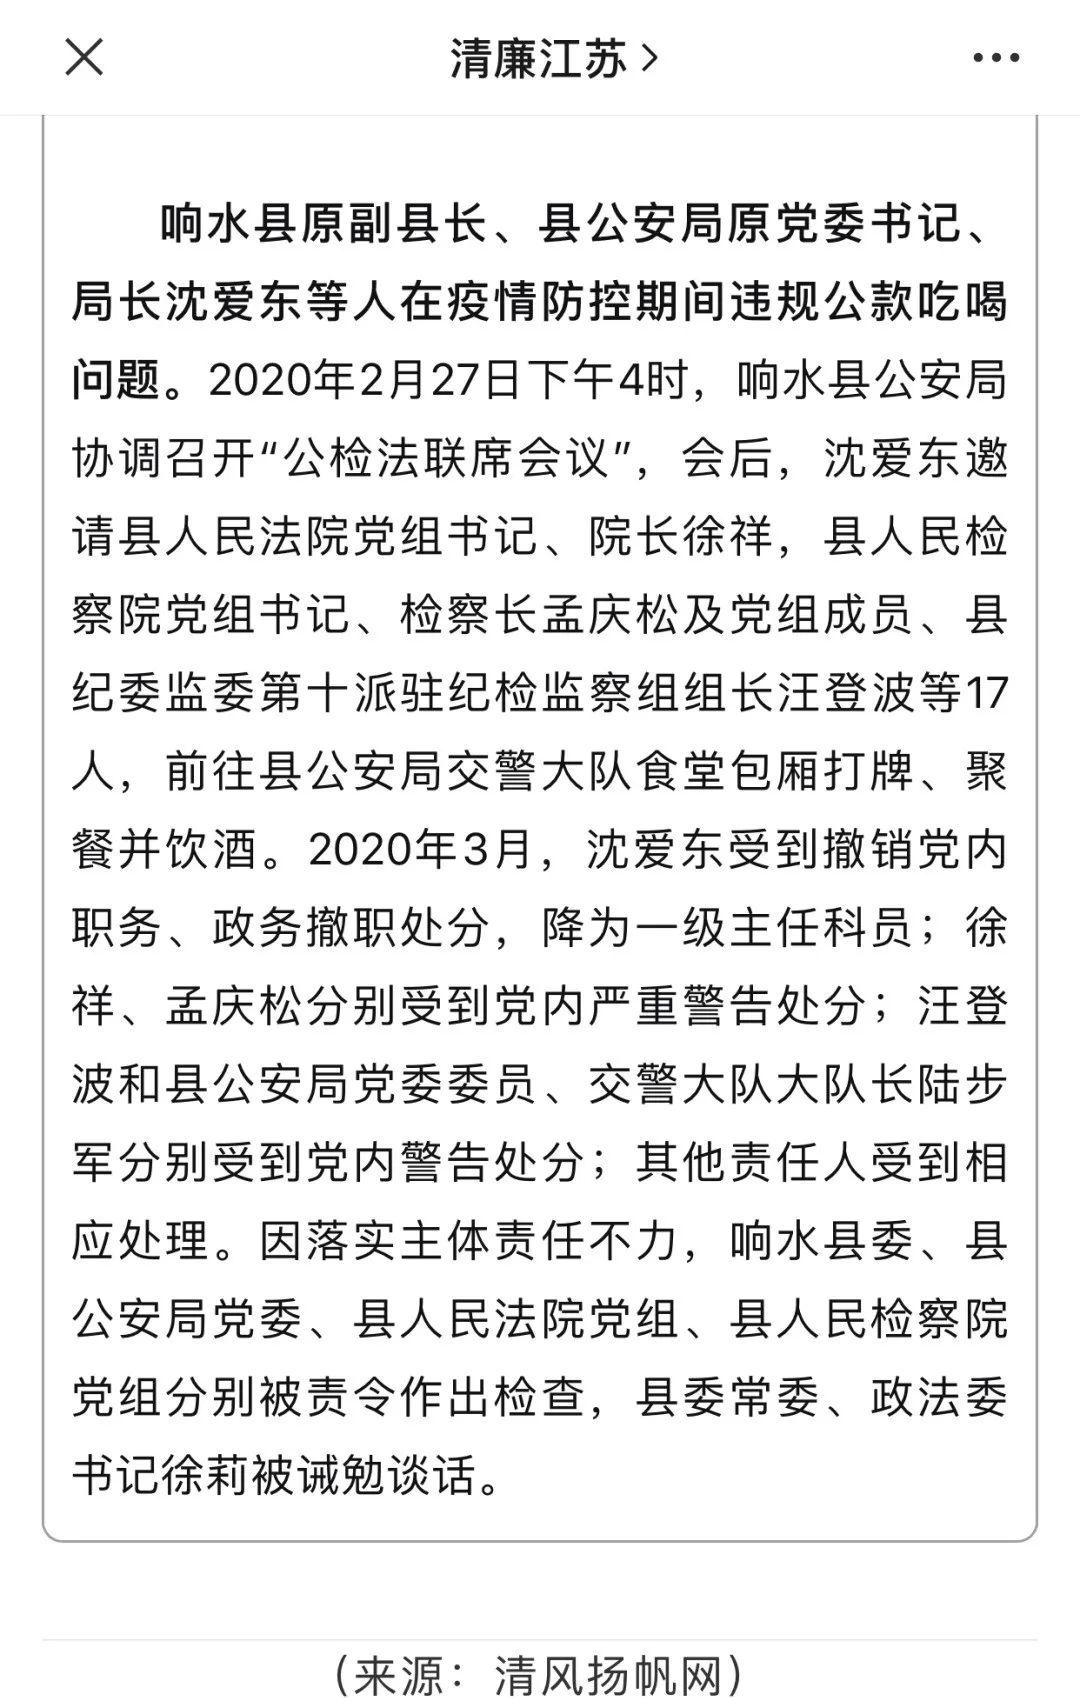 新京报:抗疫期顶风公款聚餐,公检法一把手被问责不冤图片